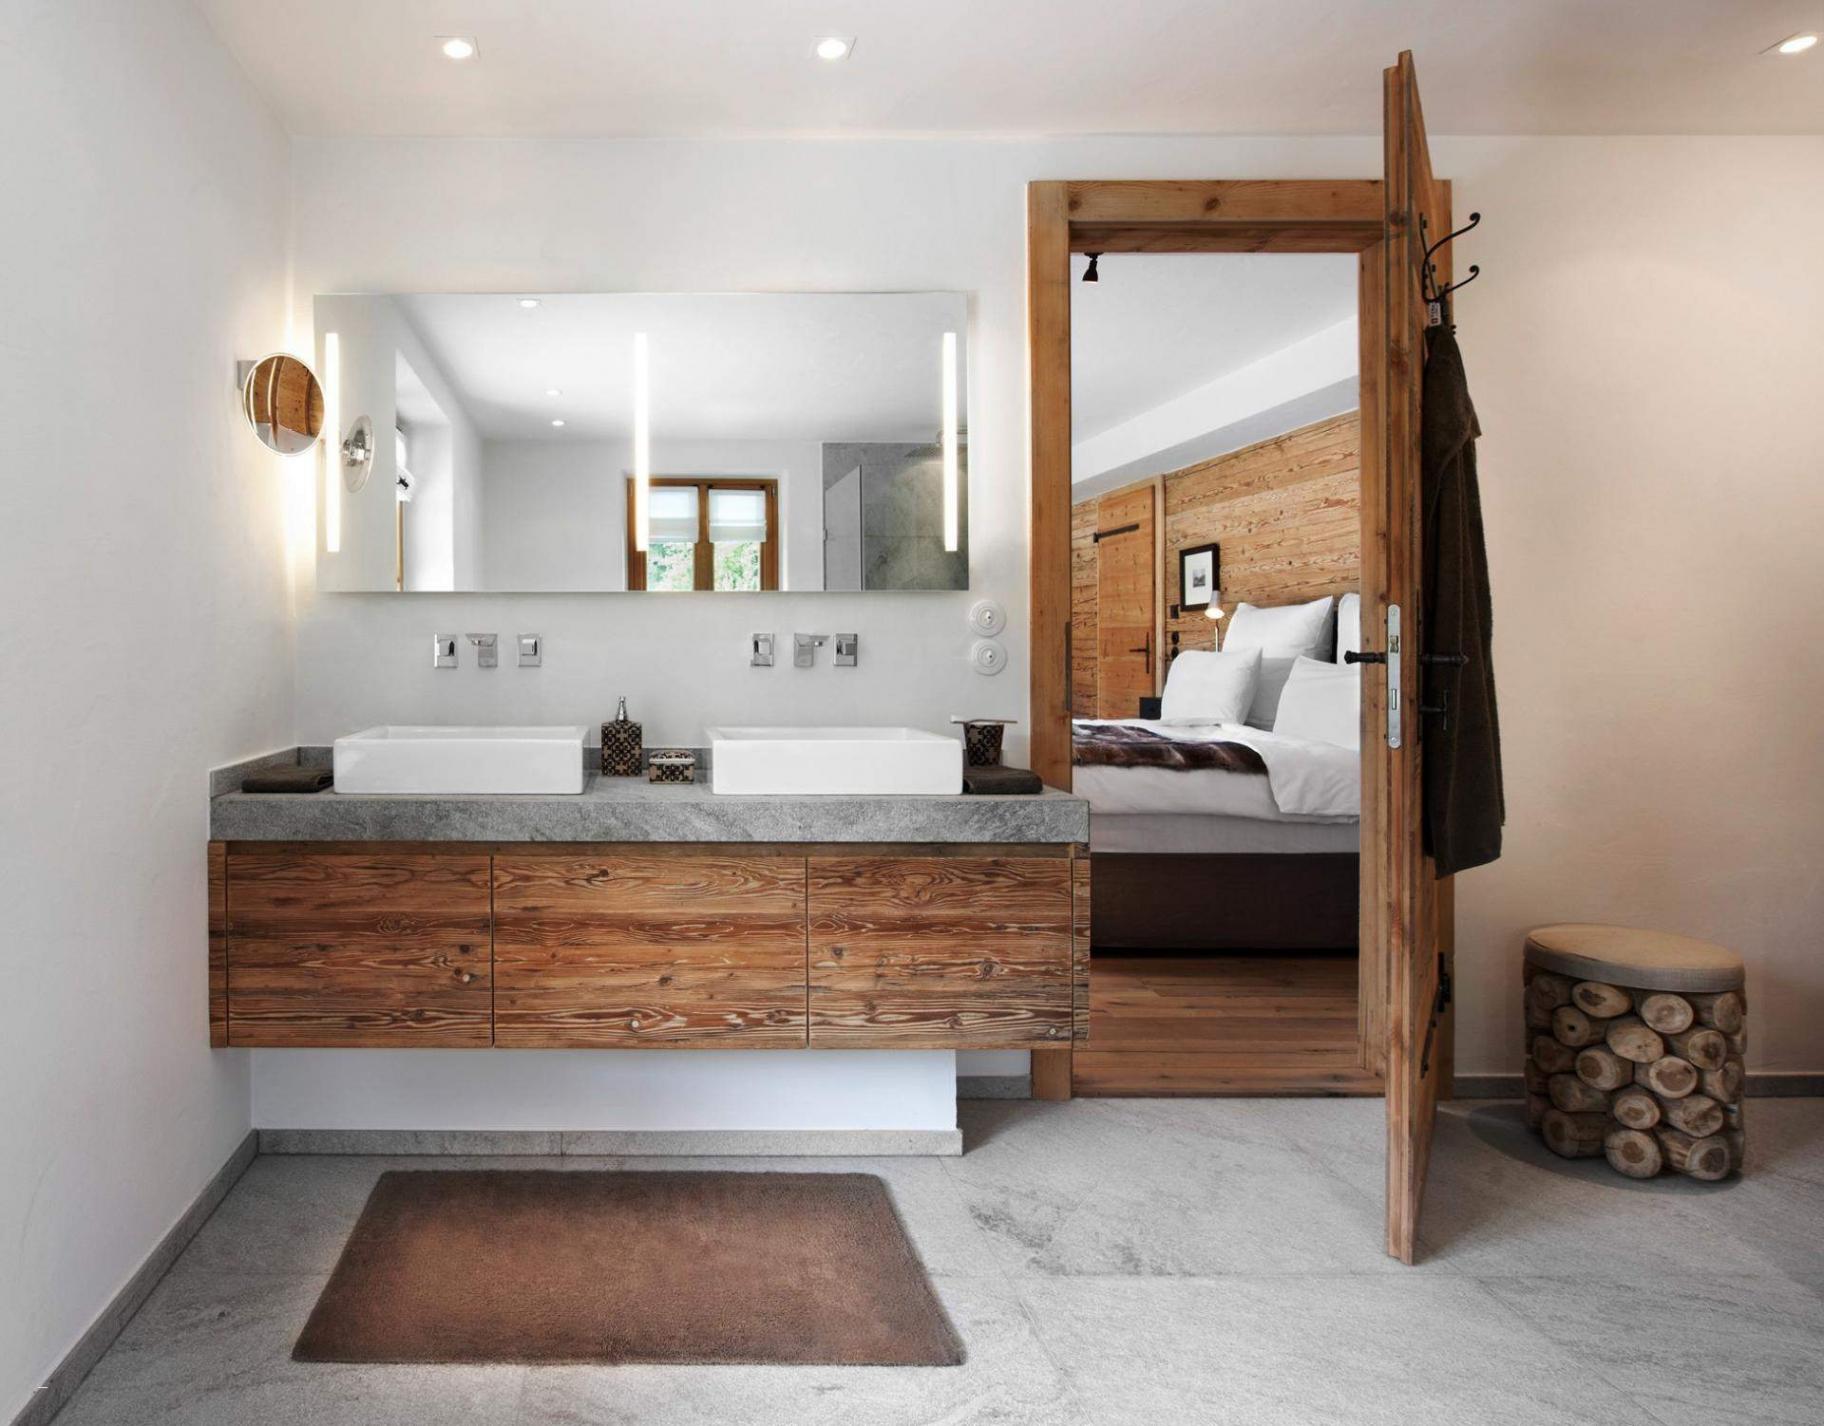 gestaltung badezimmer dekoration collectionjobs bad schwarz weis gefliest bad schwarz weis gefliest